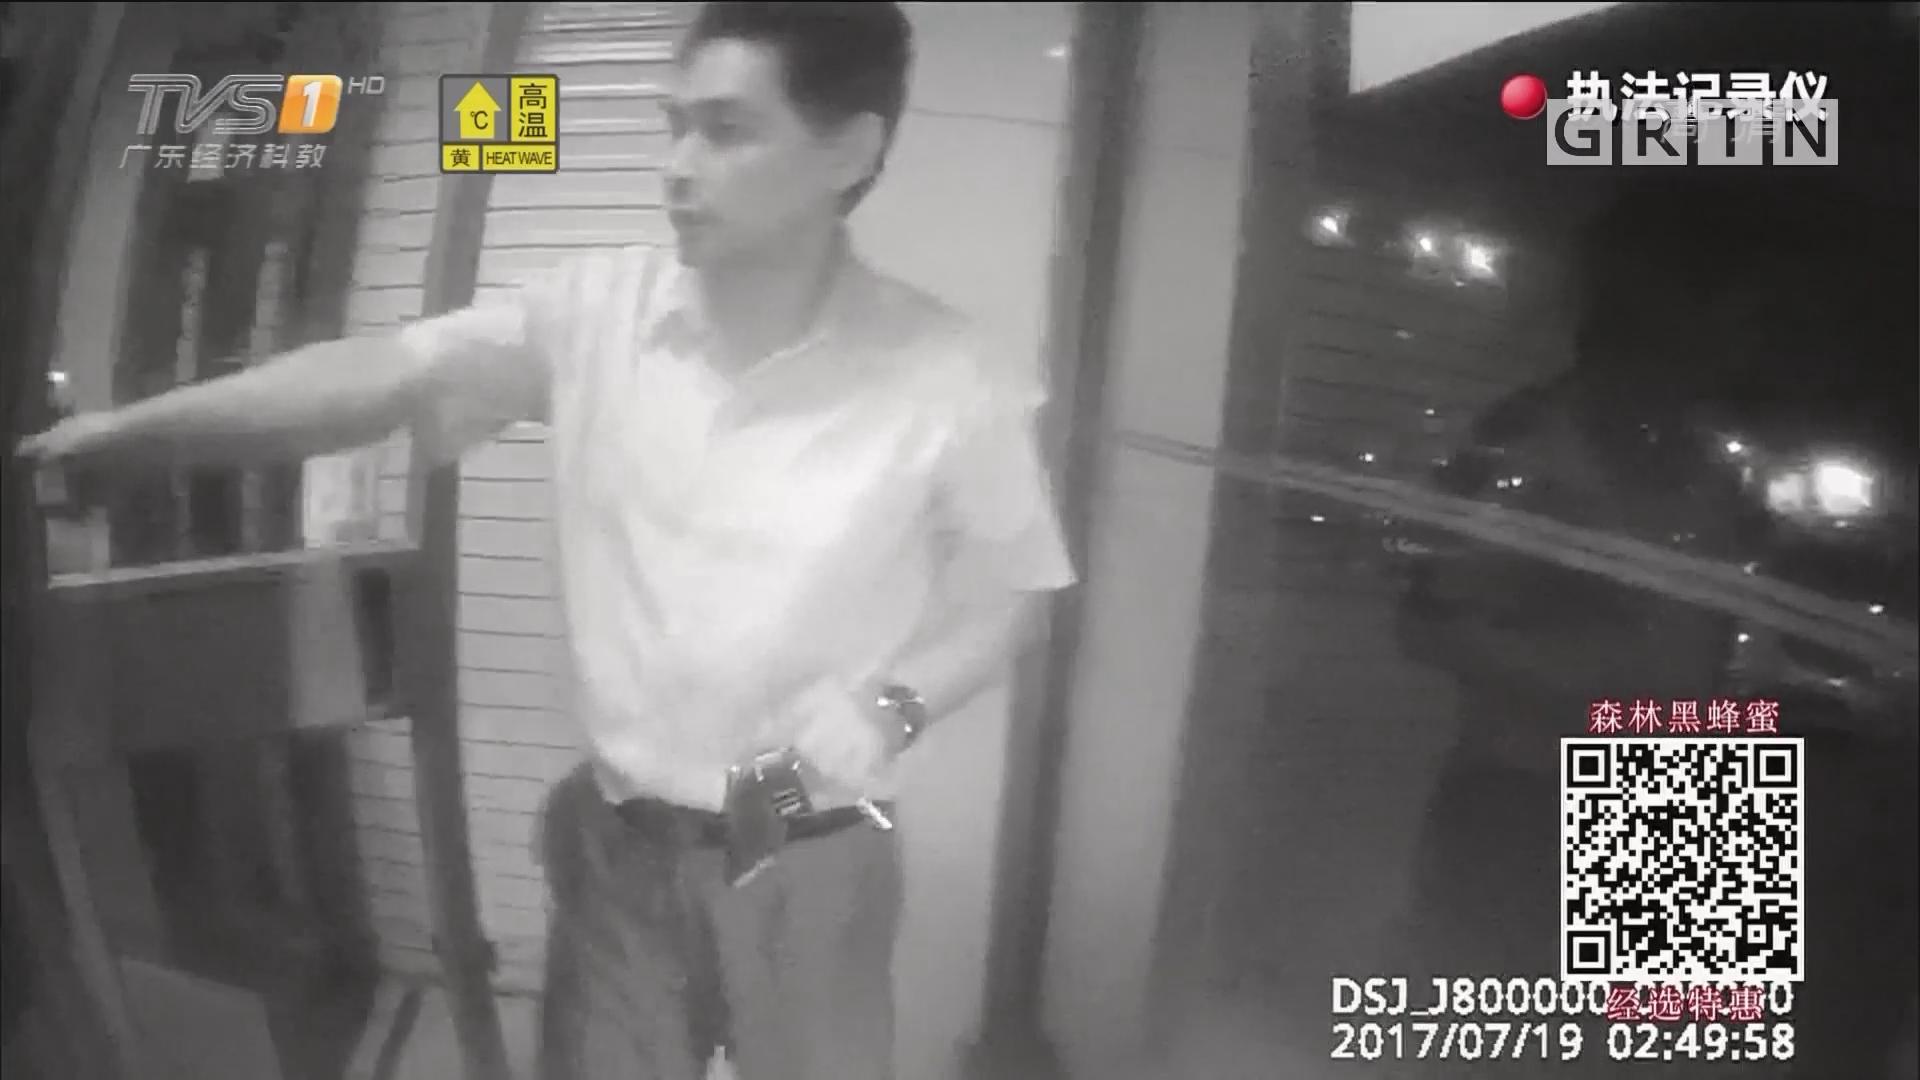 醉酒男子往ATM机倒可乐 称因天热想降温